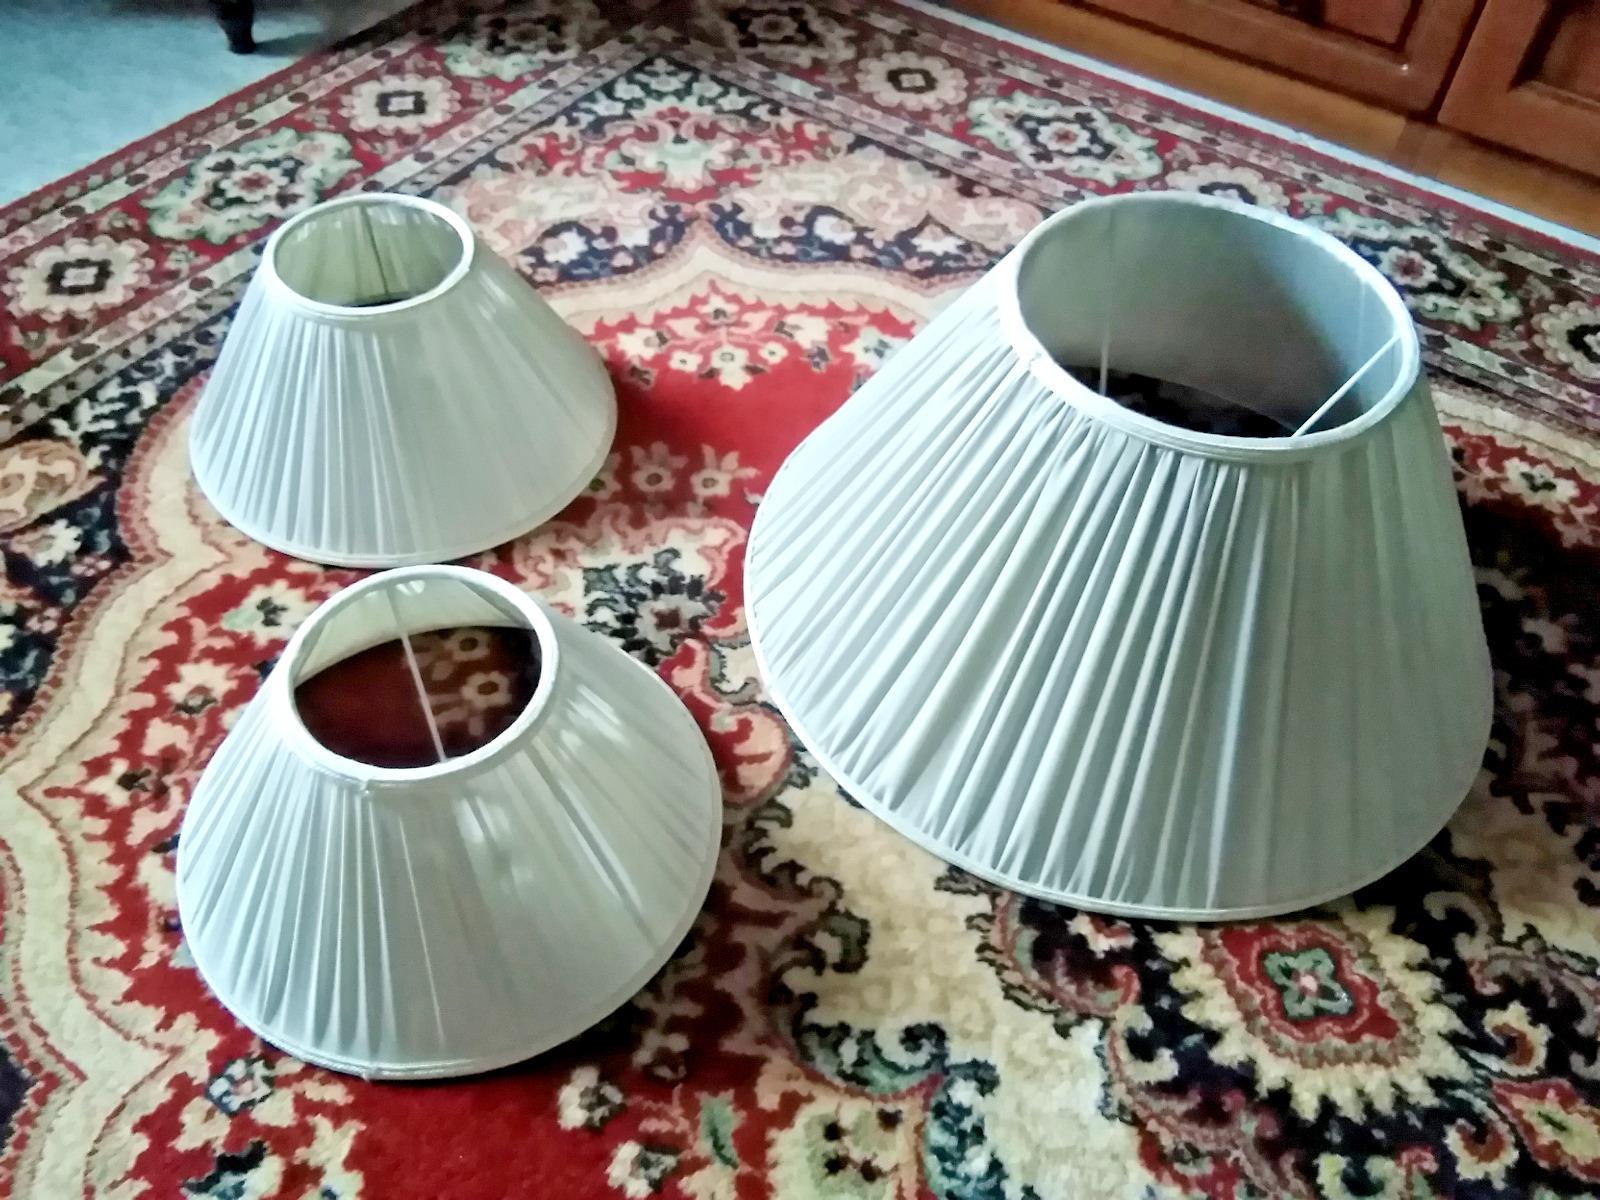 Paralumi lampade Arredamento, mobili e accessori per la